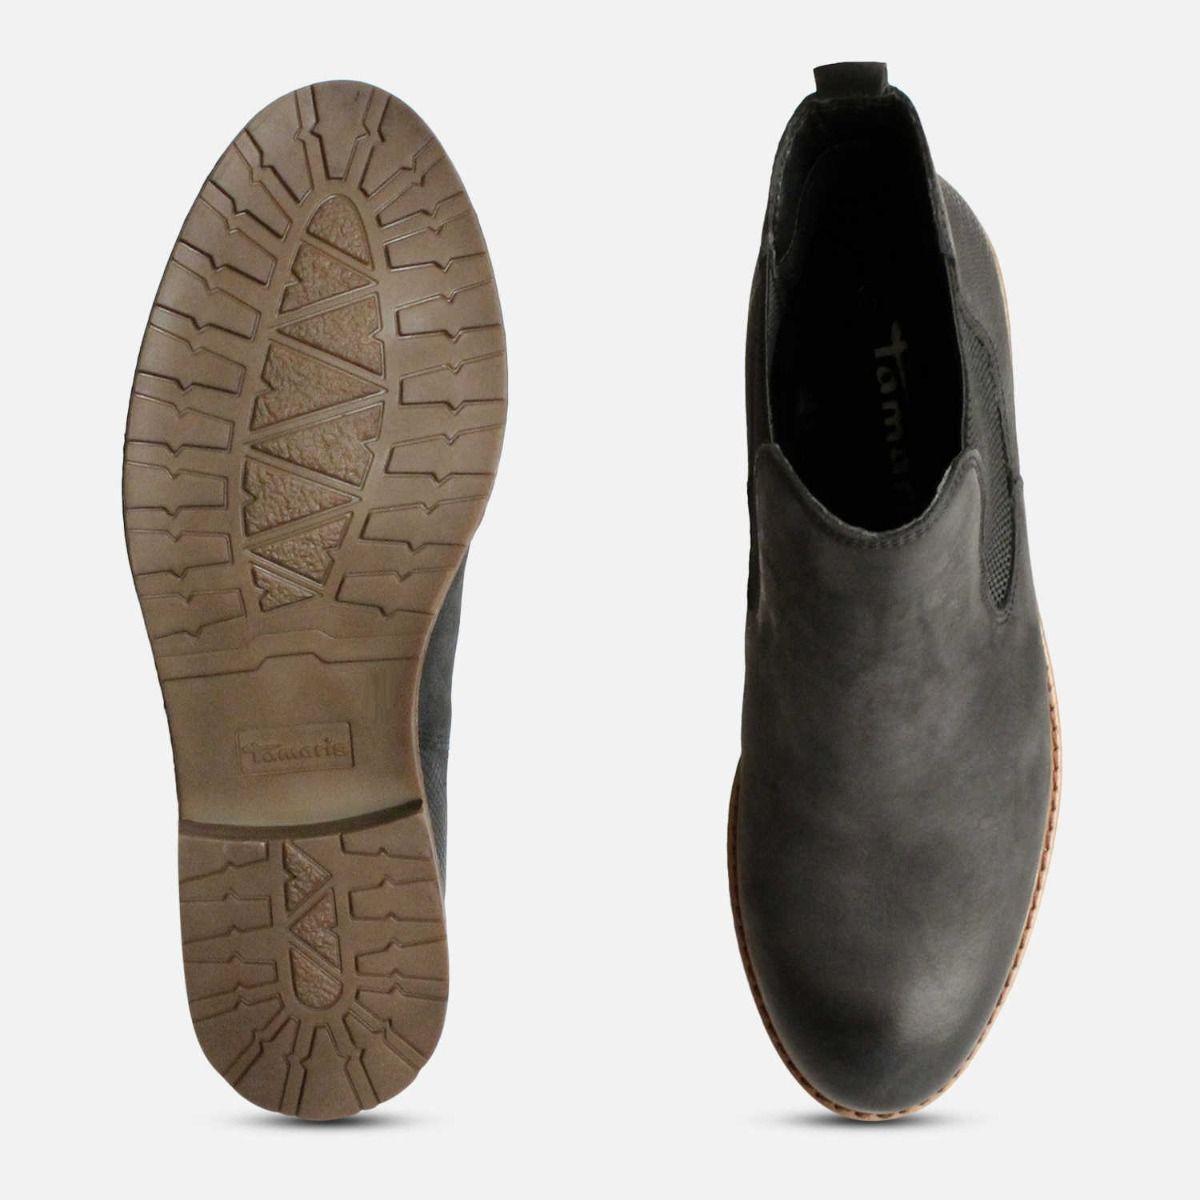 Matt Black Tamaris Ladies Slip On Ankle Boots